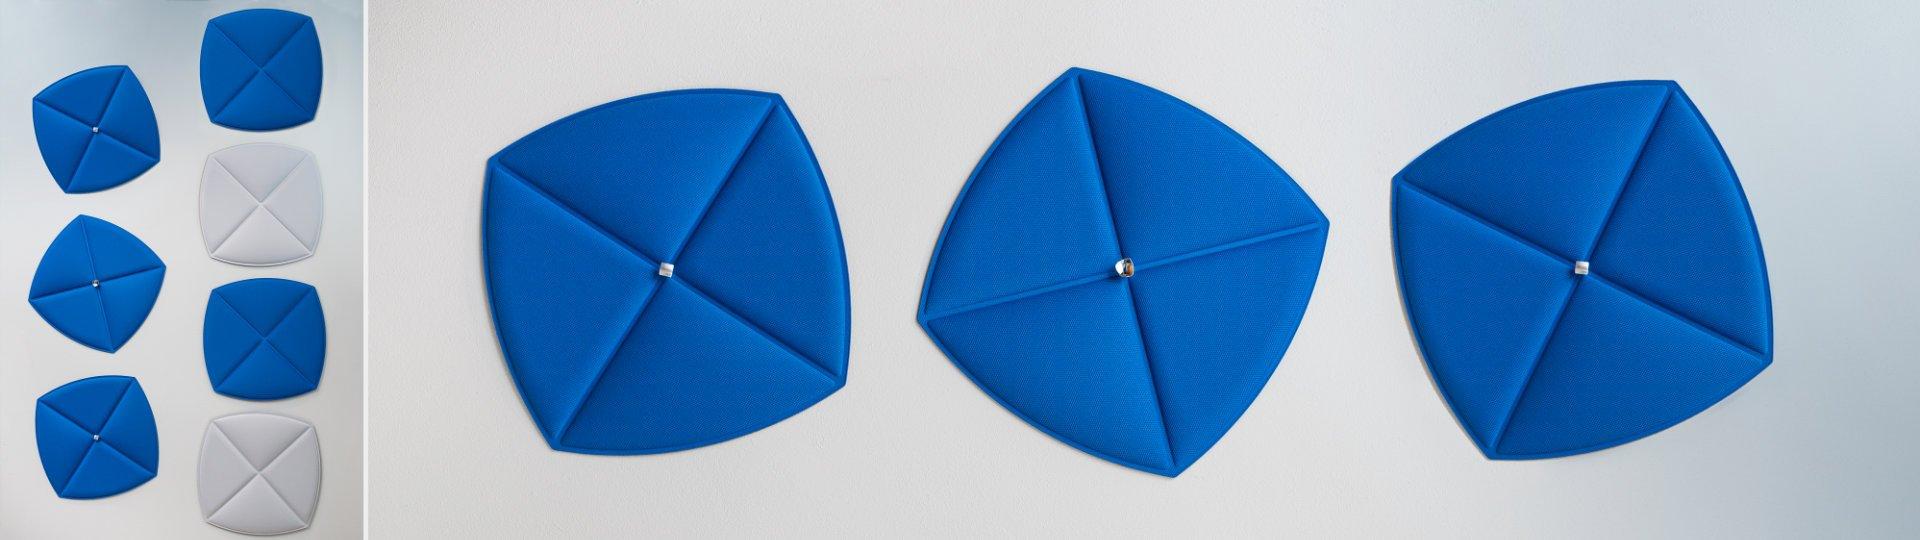 pannelli-fibra-poliestere-milano